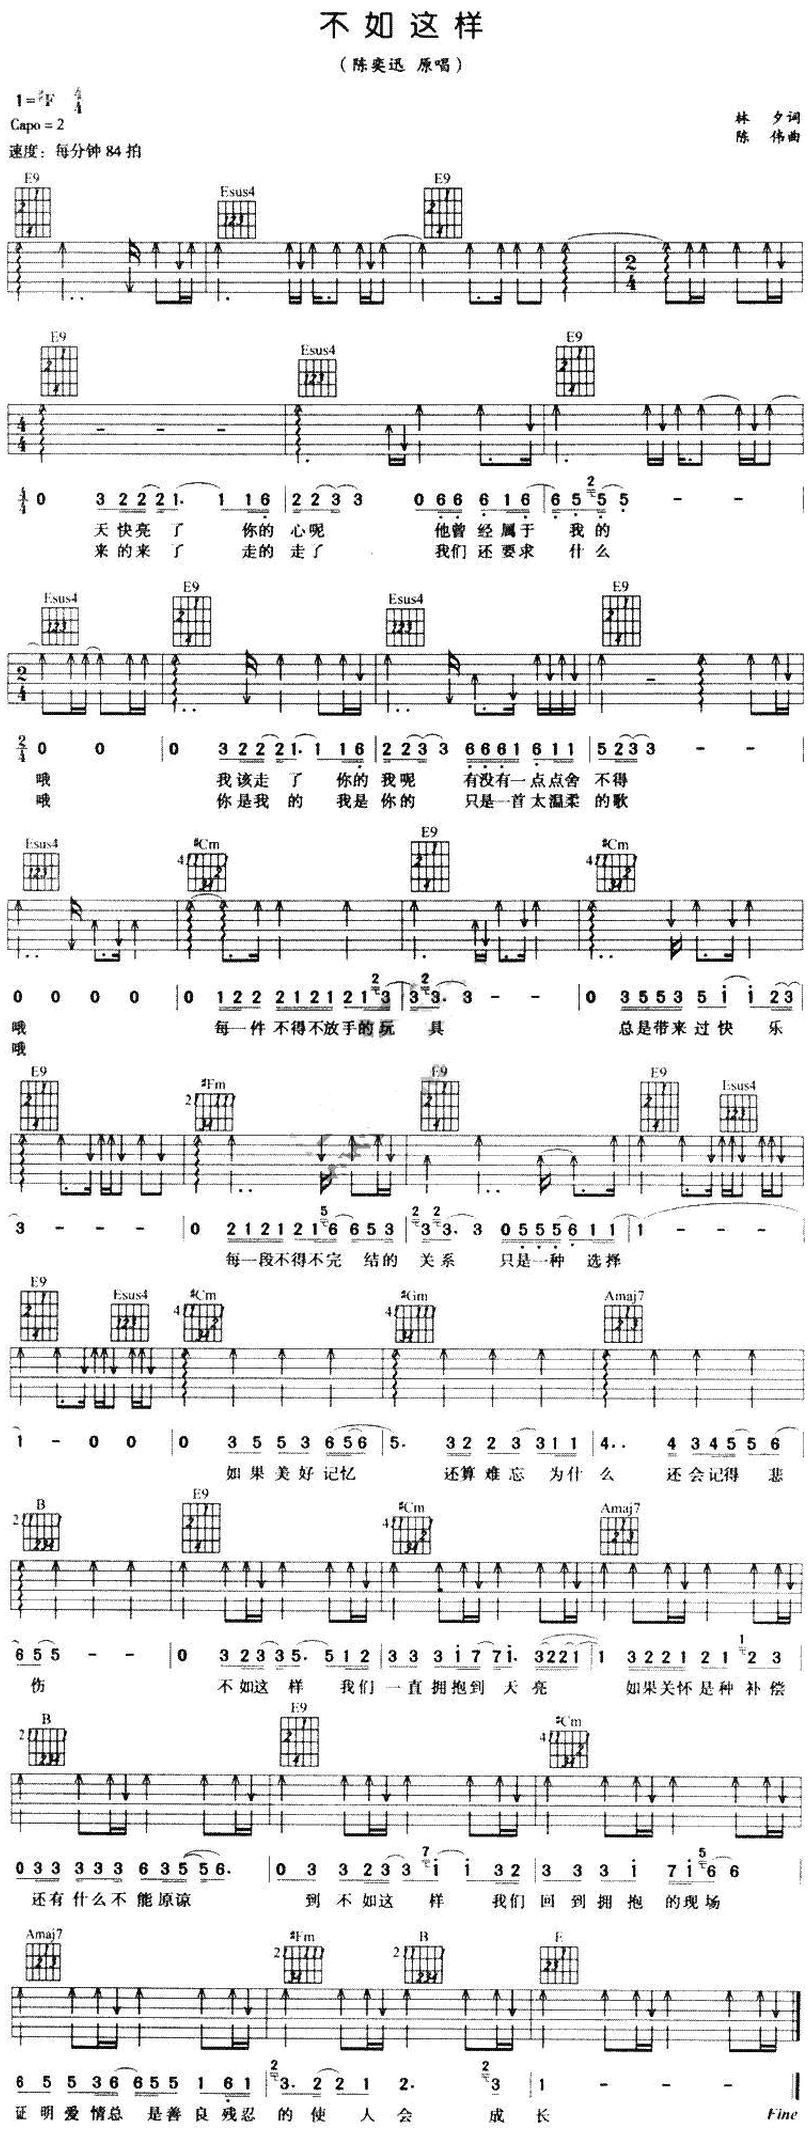 不如這樣-陳奕迅-图片吉他谱-0